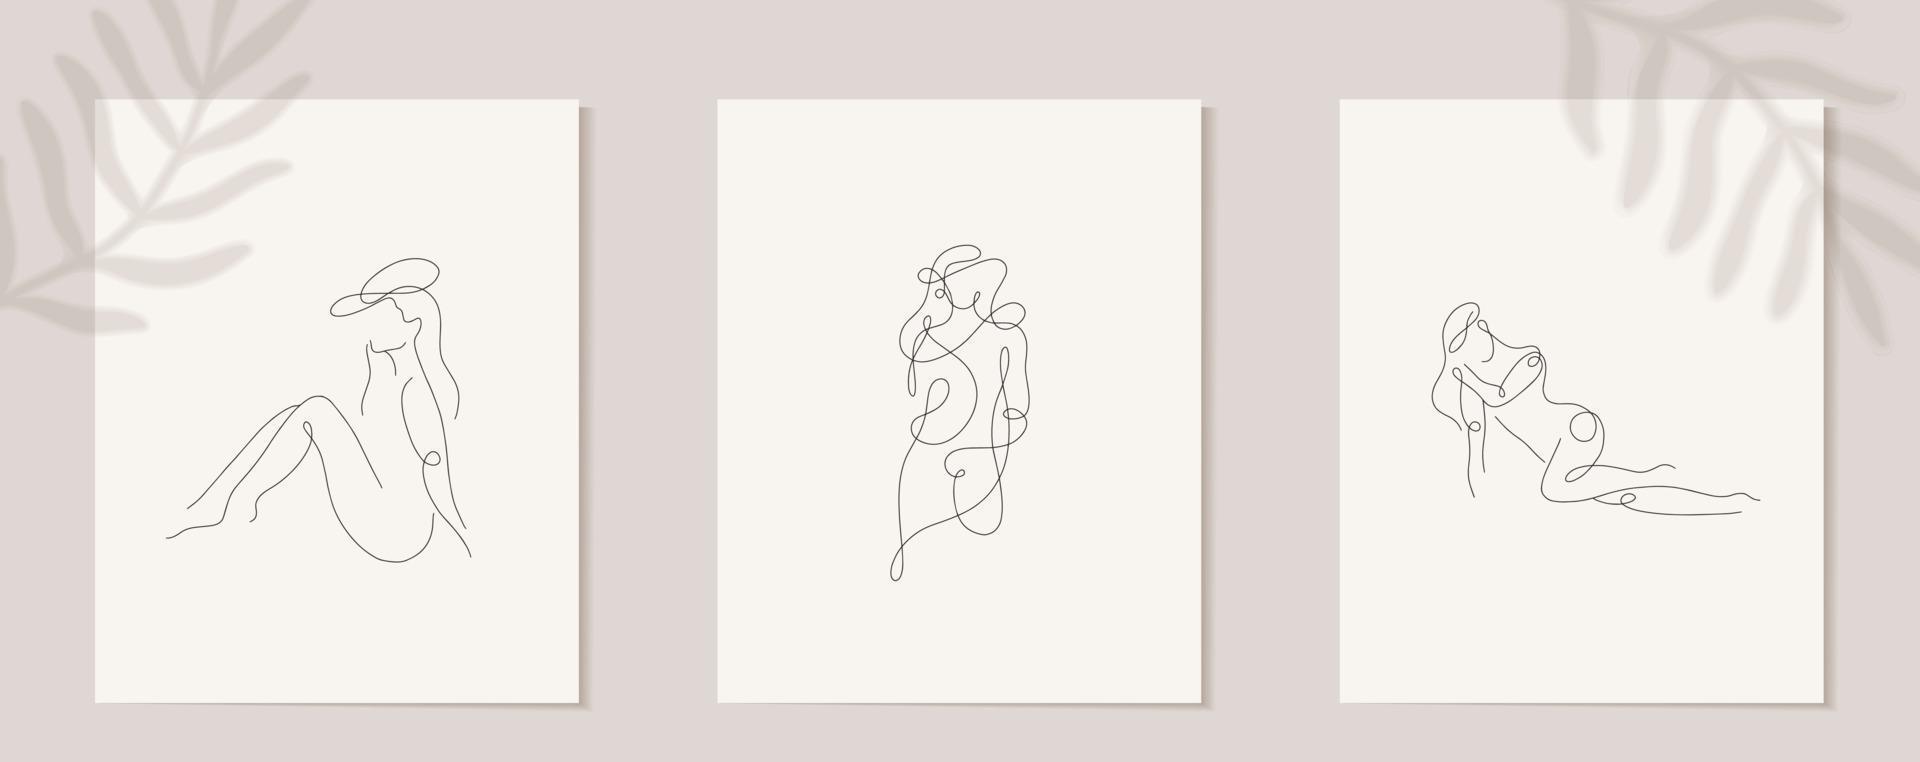 ställa in linjär kvinnfigur. kontinuerlig linjär silhuett av kvinnligt ansikte. disposition hand dras av avatarer flickor. linjär glamourlogotyp i minimal stil för skönhetssalong, makeupartist, stylist vektor